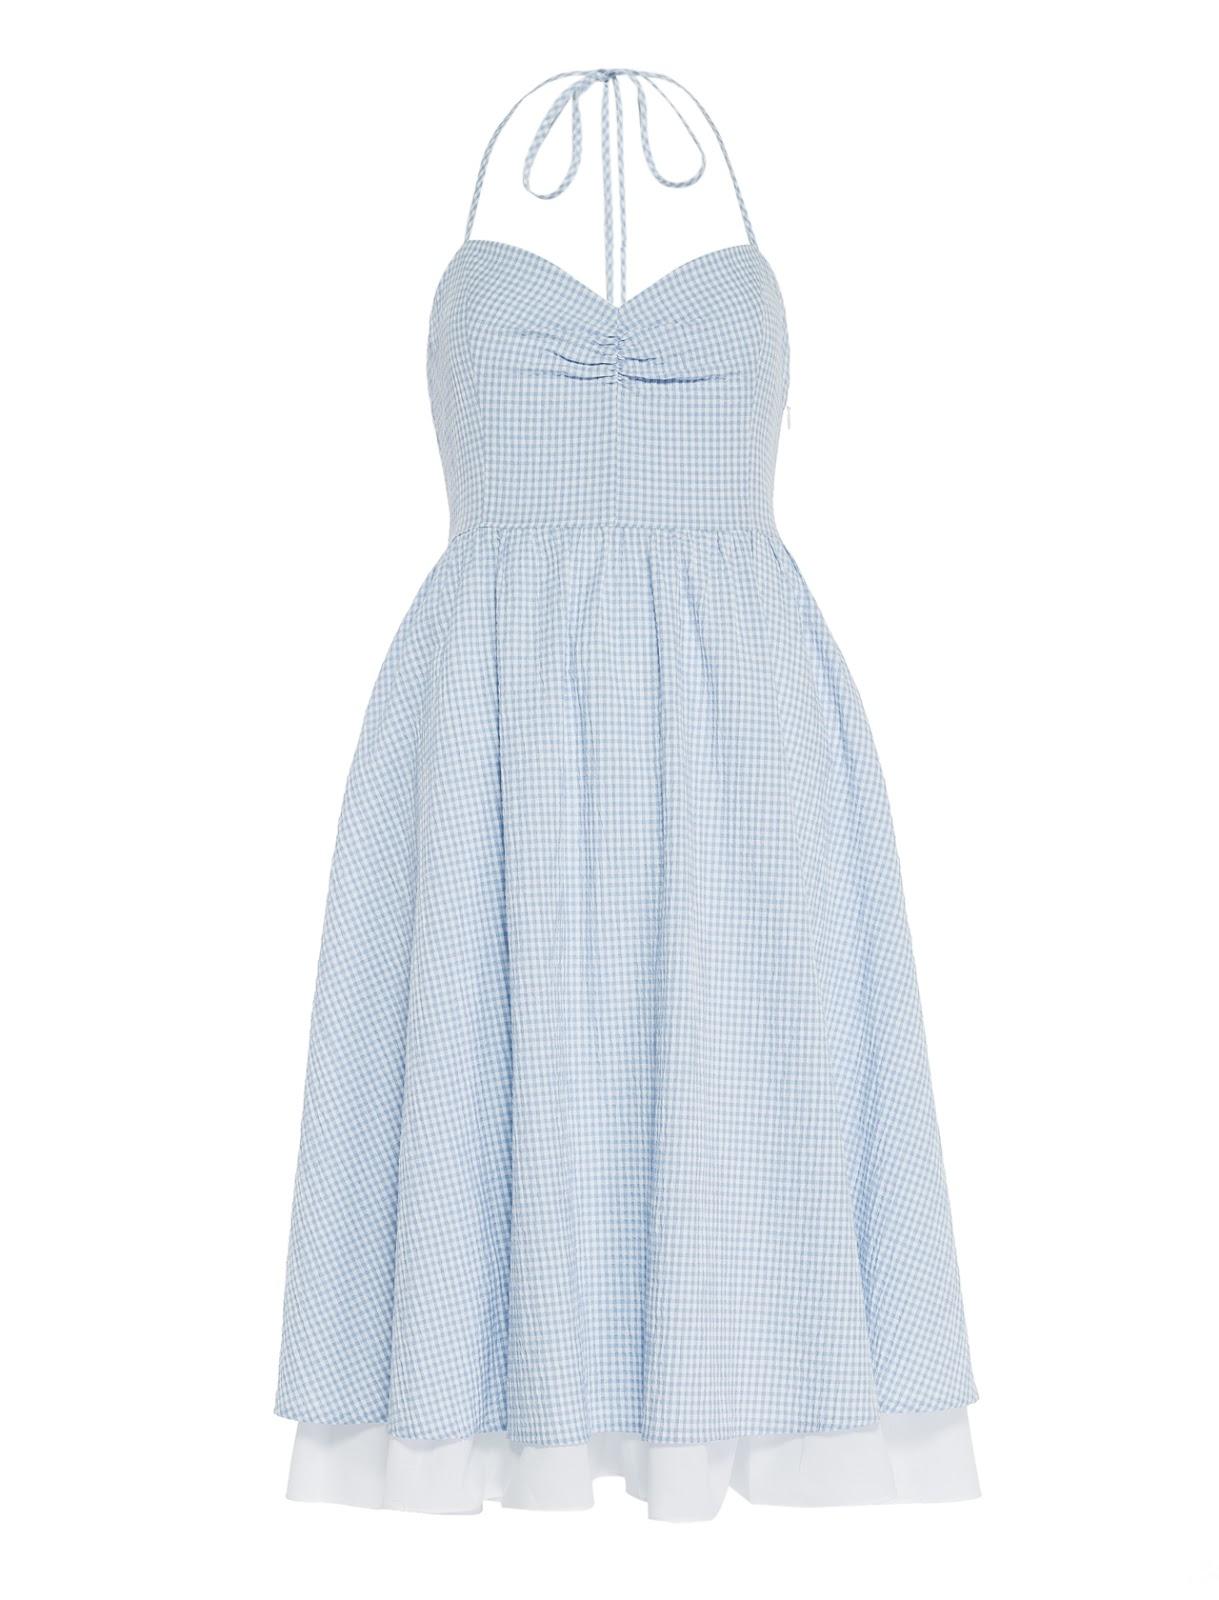 8e35712d28c74 Koton 2016 İlkbahar- Yaz Ole Koleksiyonu'nda anahtar parçalar,iri volanlı  açık omuzlu bluzlar, yüksek belli jean şortlar, pötikare elbiseler, volanlı  'crop' ...